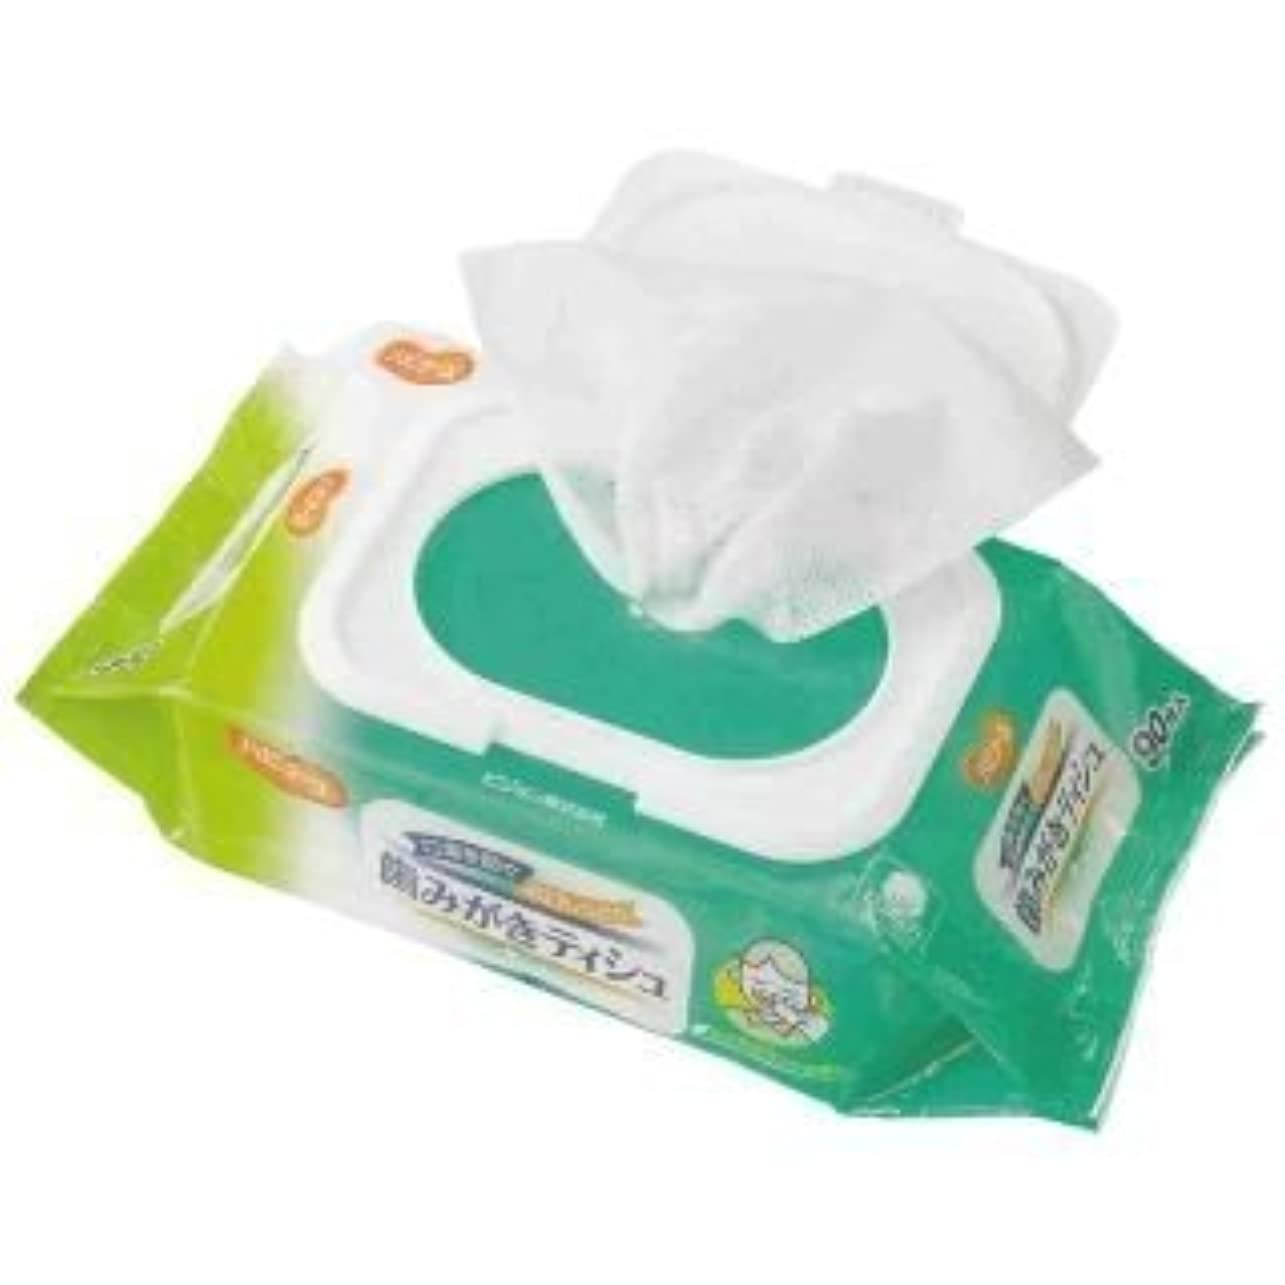 散歩に行くマングル安全な口臭を防ぐ&お口しっとり!ふきとりやすいコットンメッシュシート!お口が乾燥して、お口の臭いが気になるときに!歯みがきティシュ 90枚入